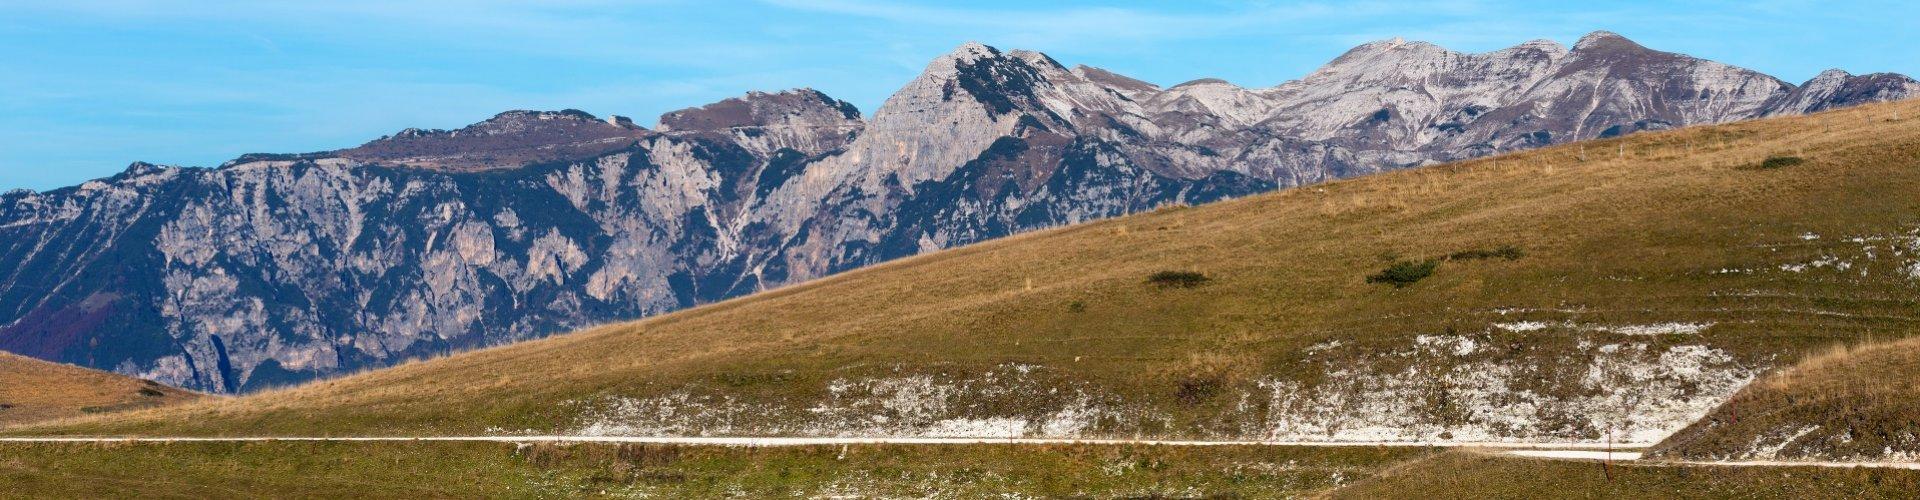 Lessinia Berge